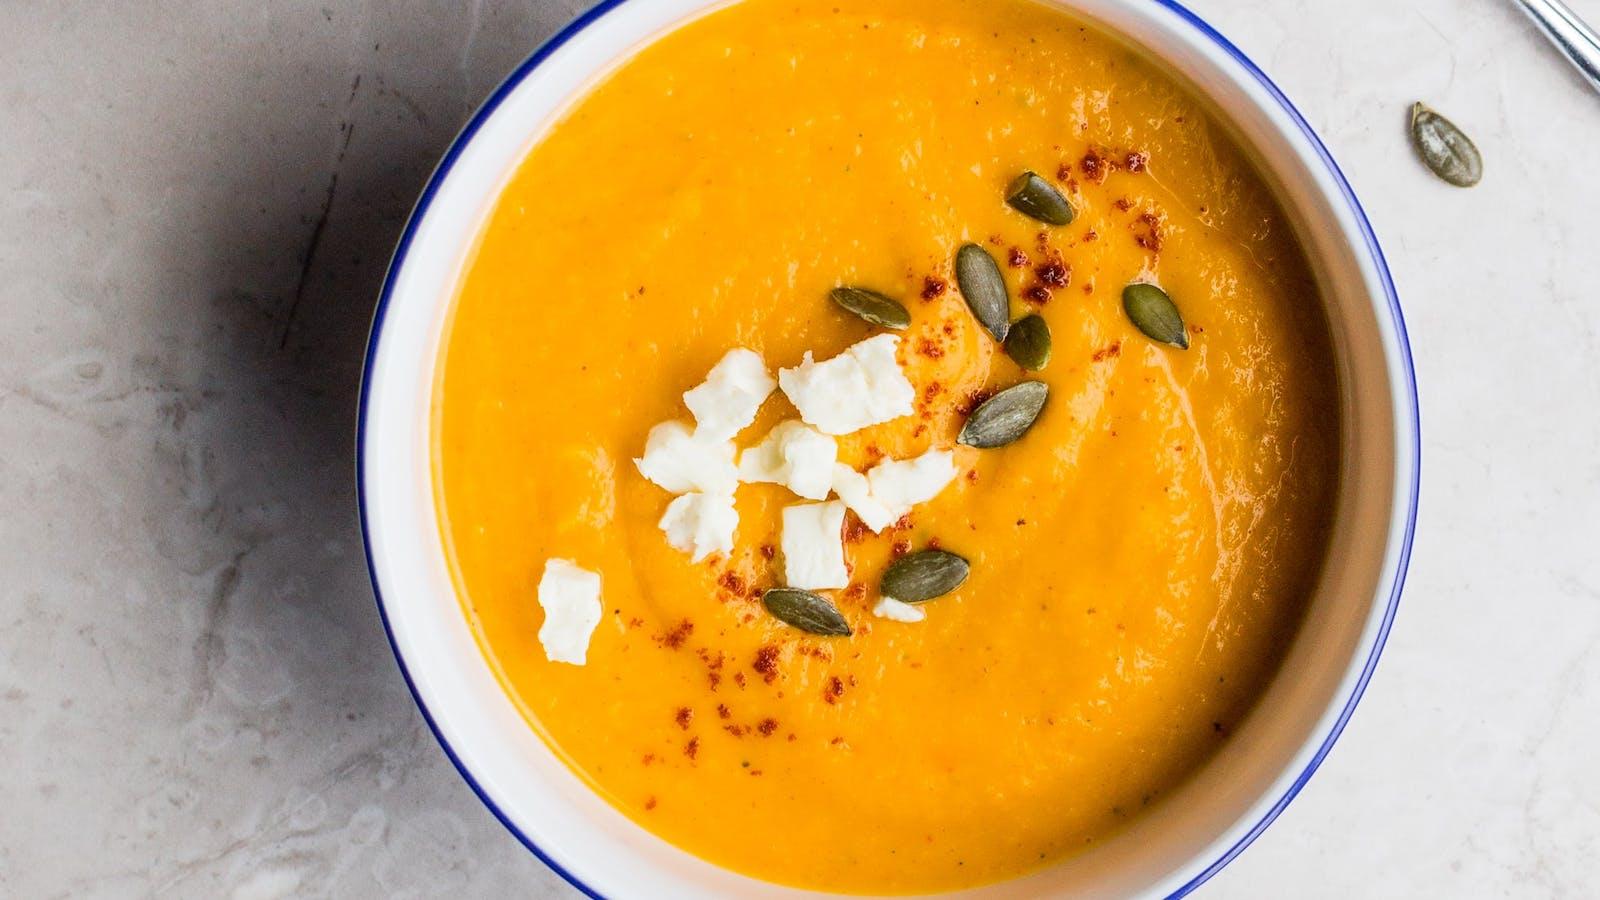 Velouté orange avec des morceaux de fromage et des graines de courge